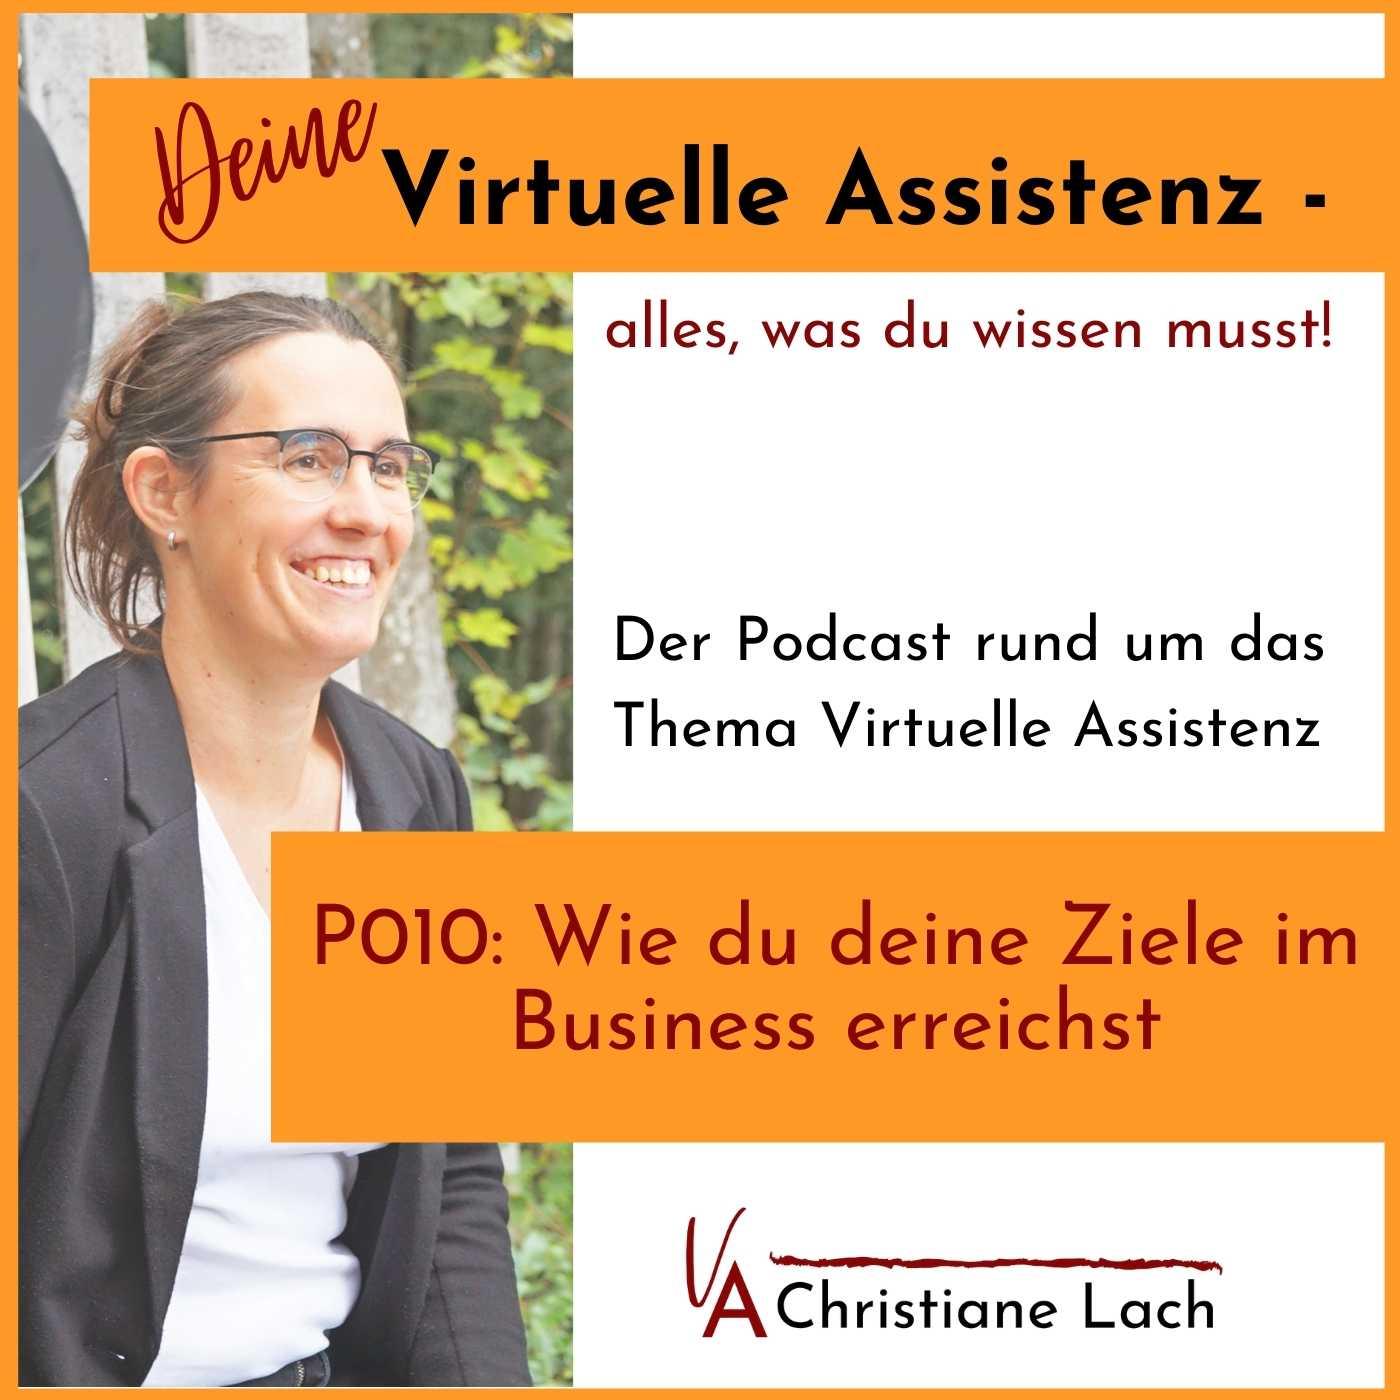 P010: Wie du deine Ziele im Business erreichst